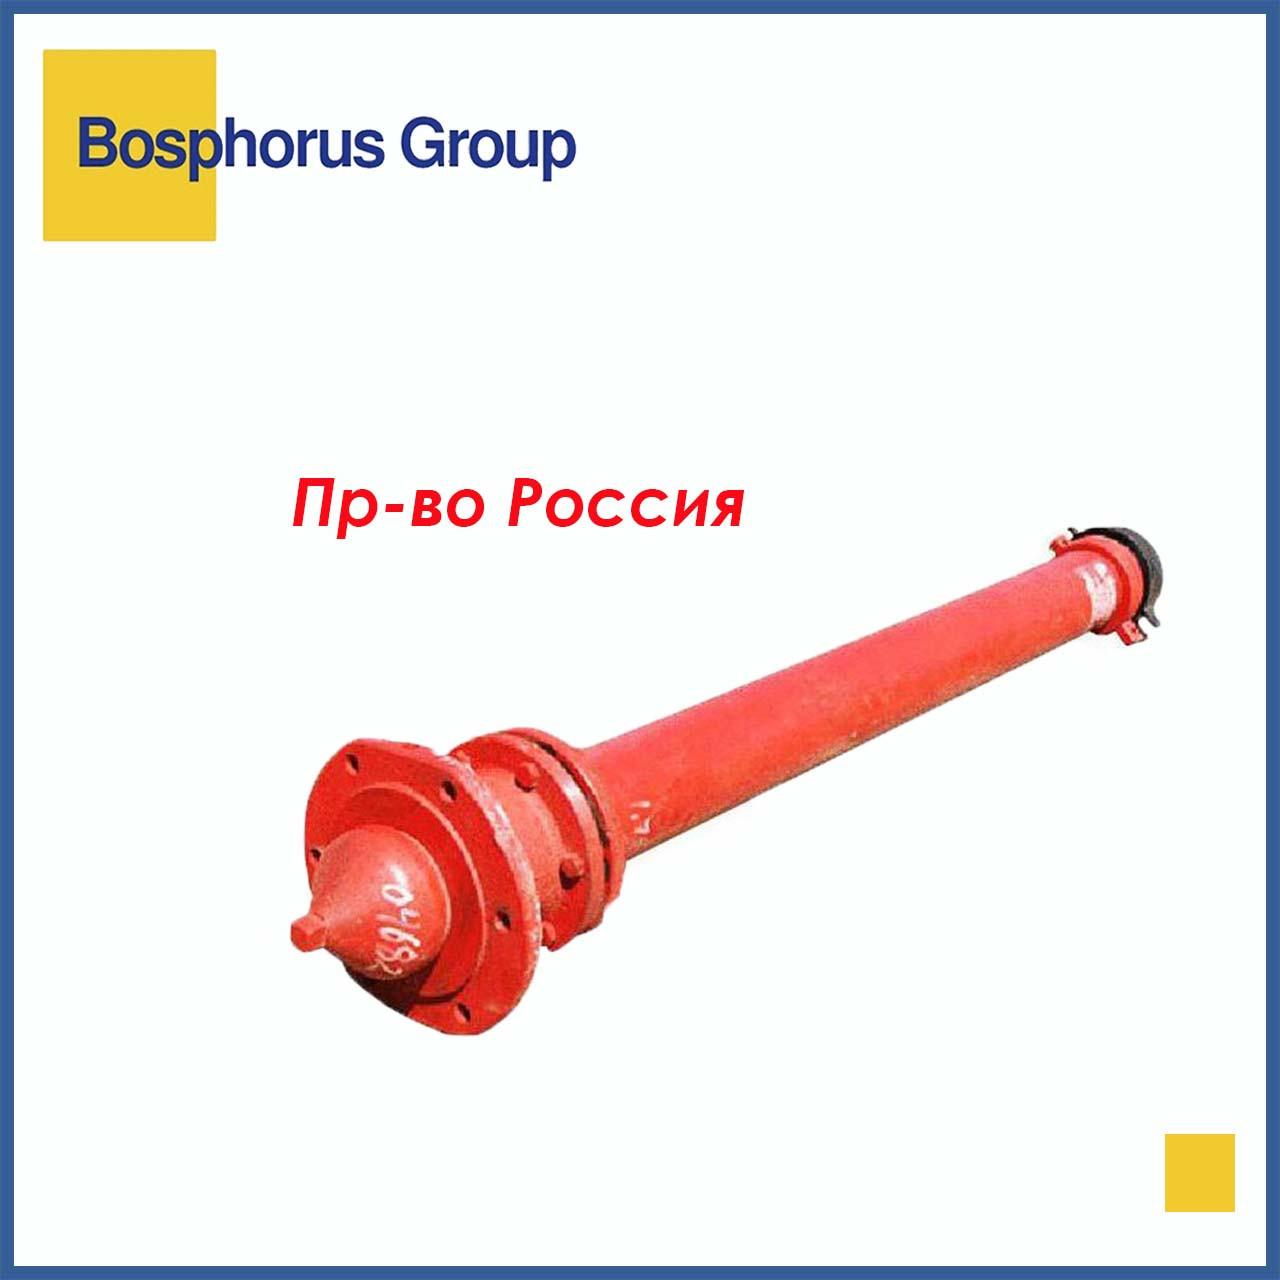 Пожарный гидрант стальной 0,75 м., подземный (Россия)